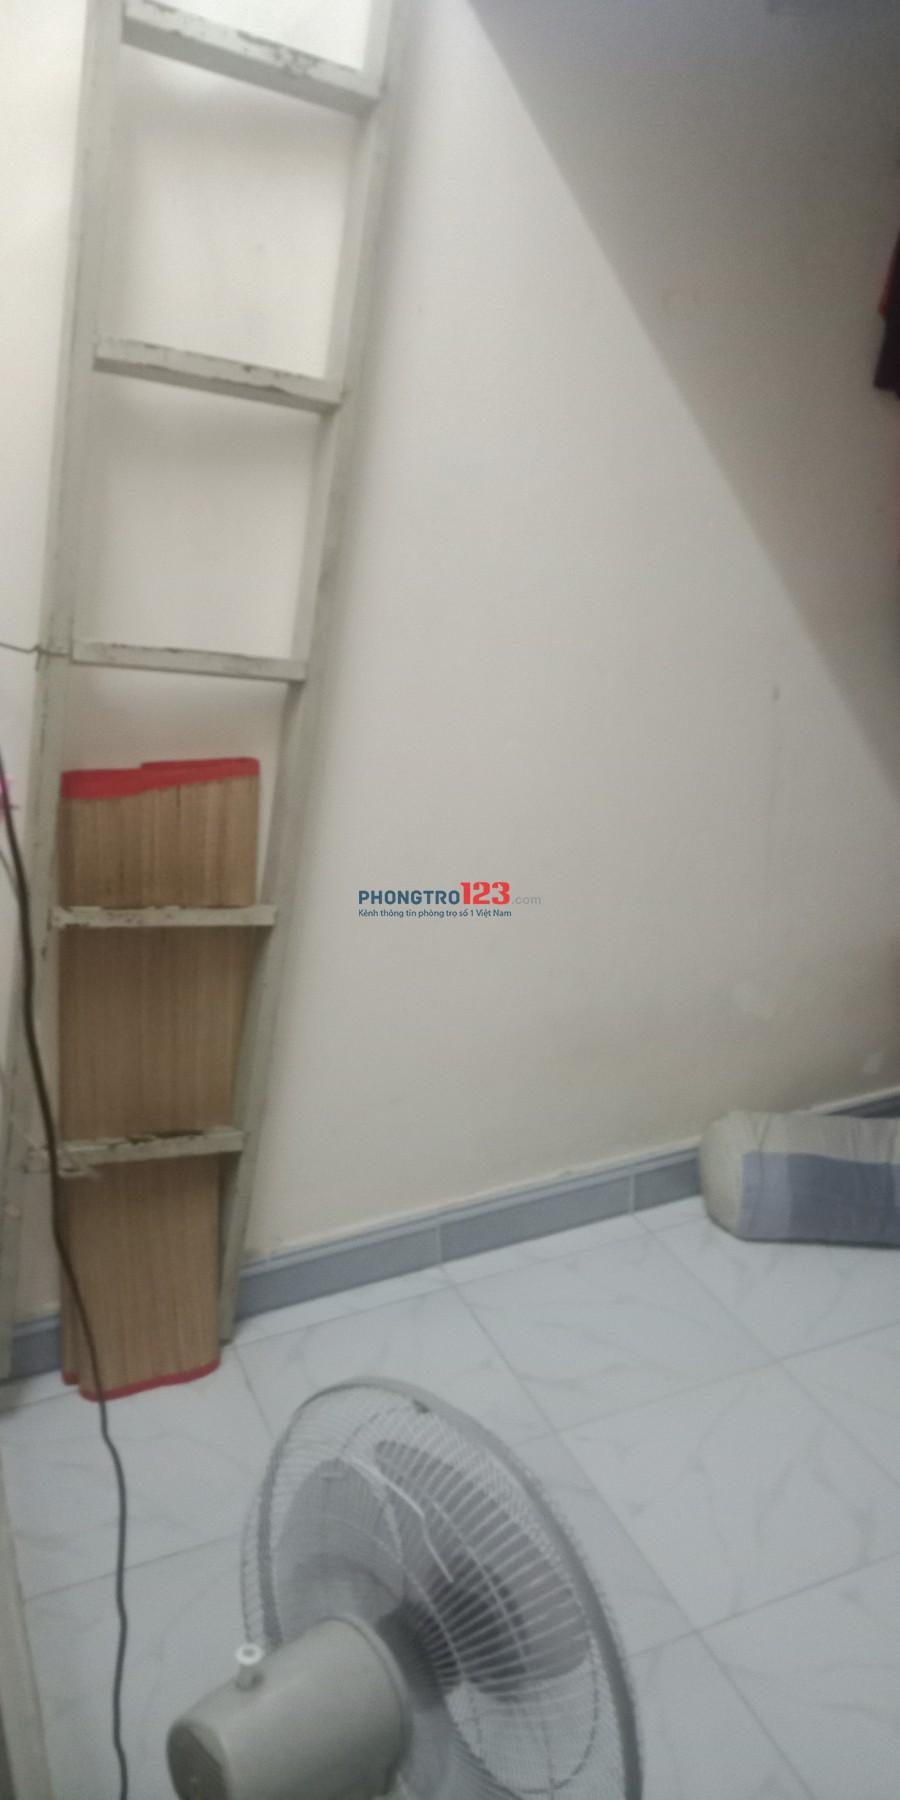 Phòng trọ cho thuê sạch sẽ, an toàn, tiện nghi gần nhiều trung tâm thương mại, Trường học